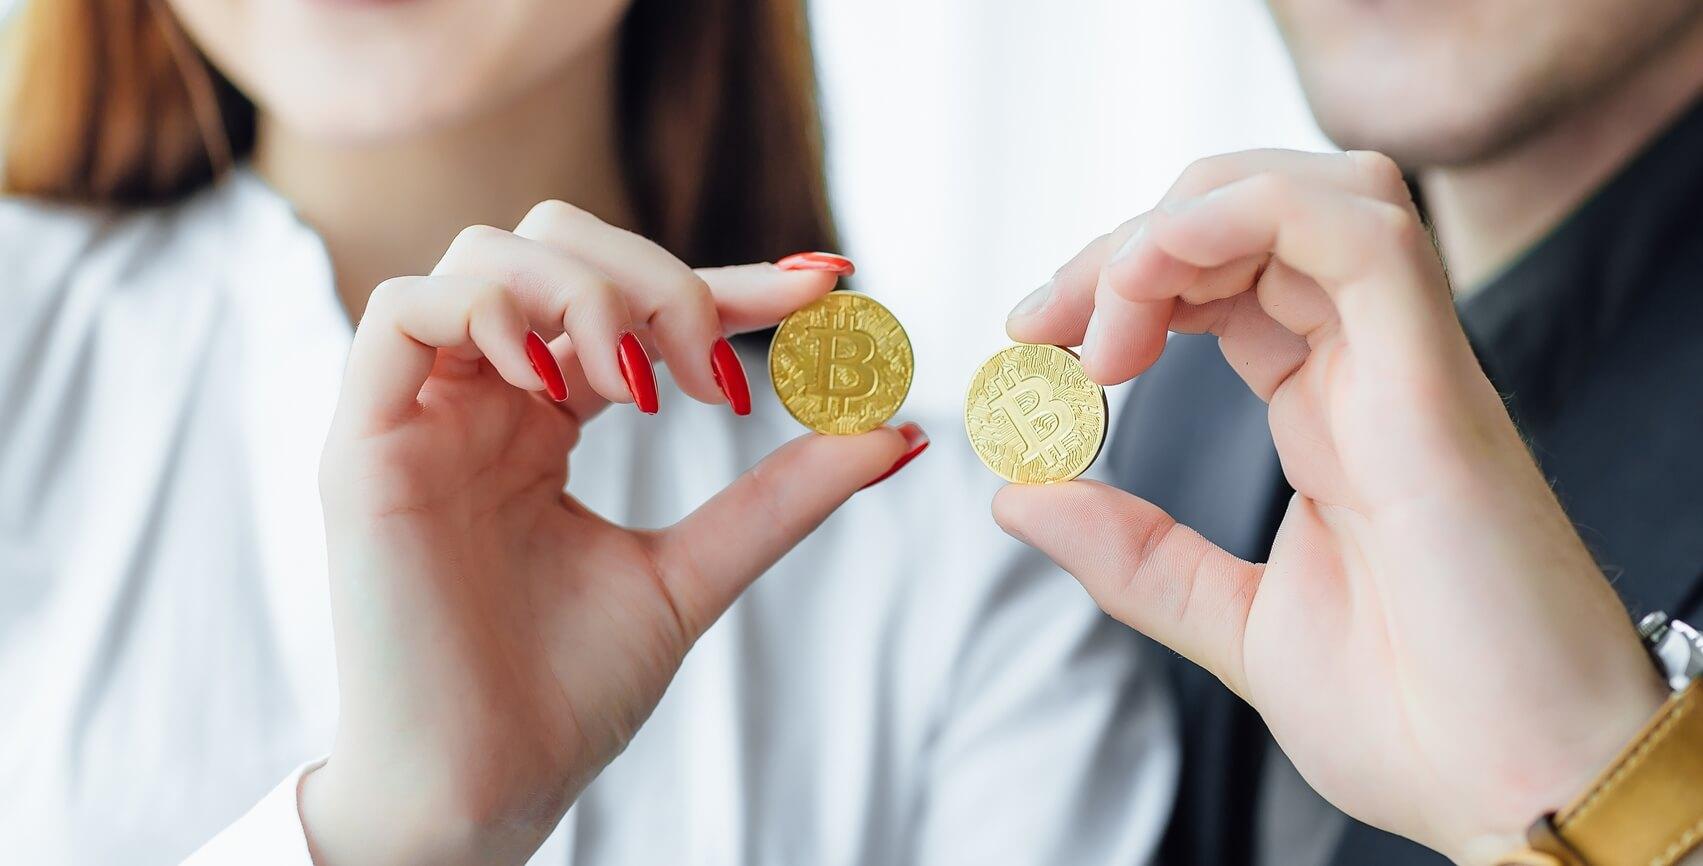 bitcoin drogok vásárlására)